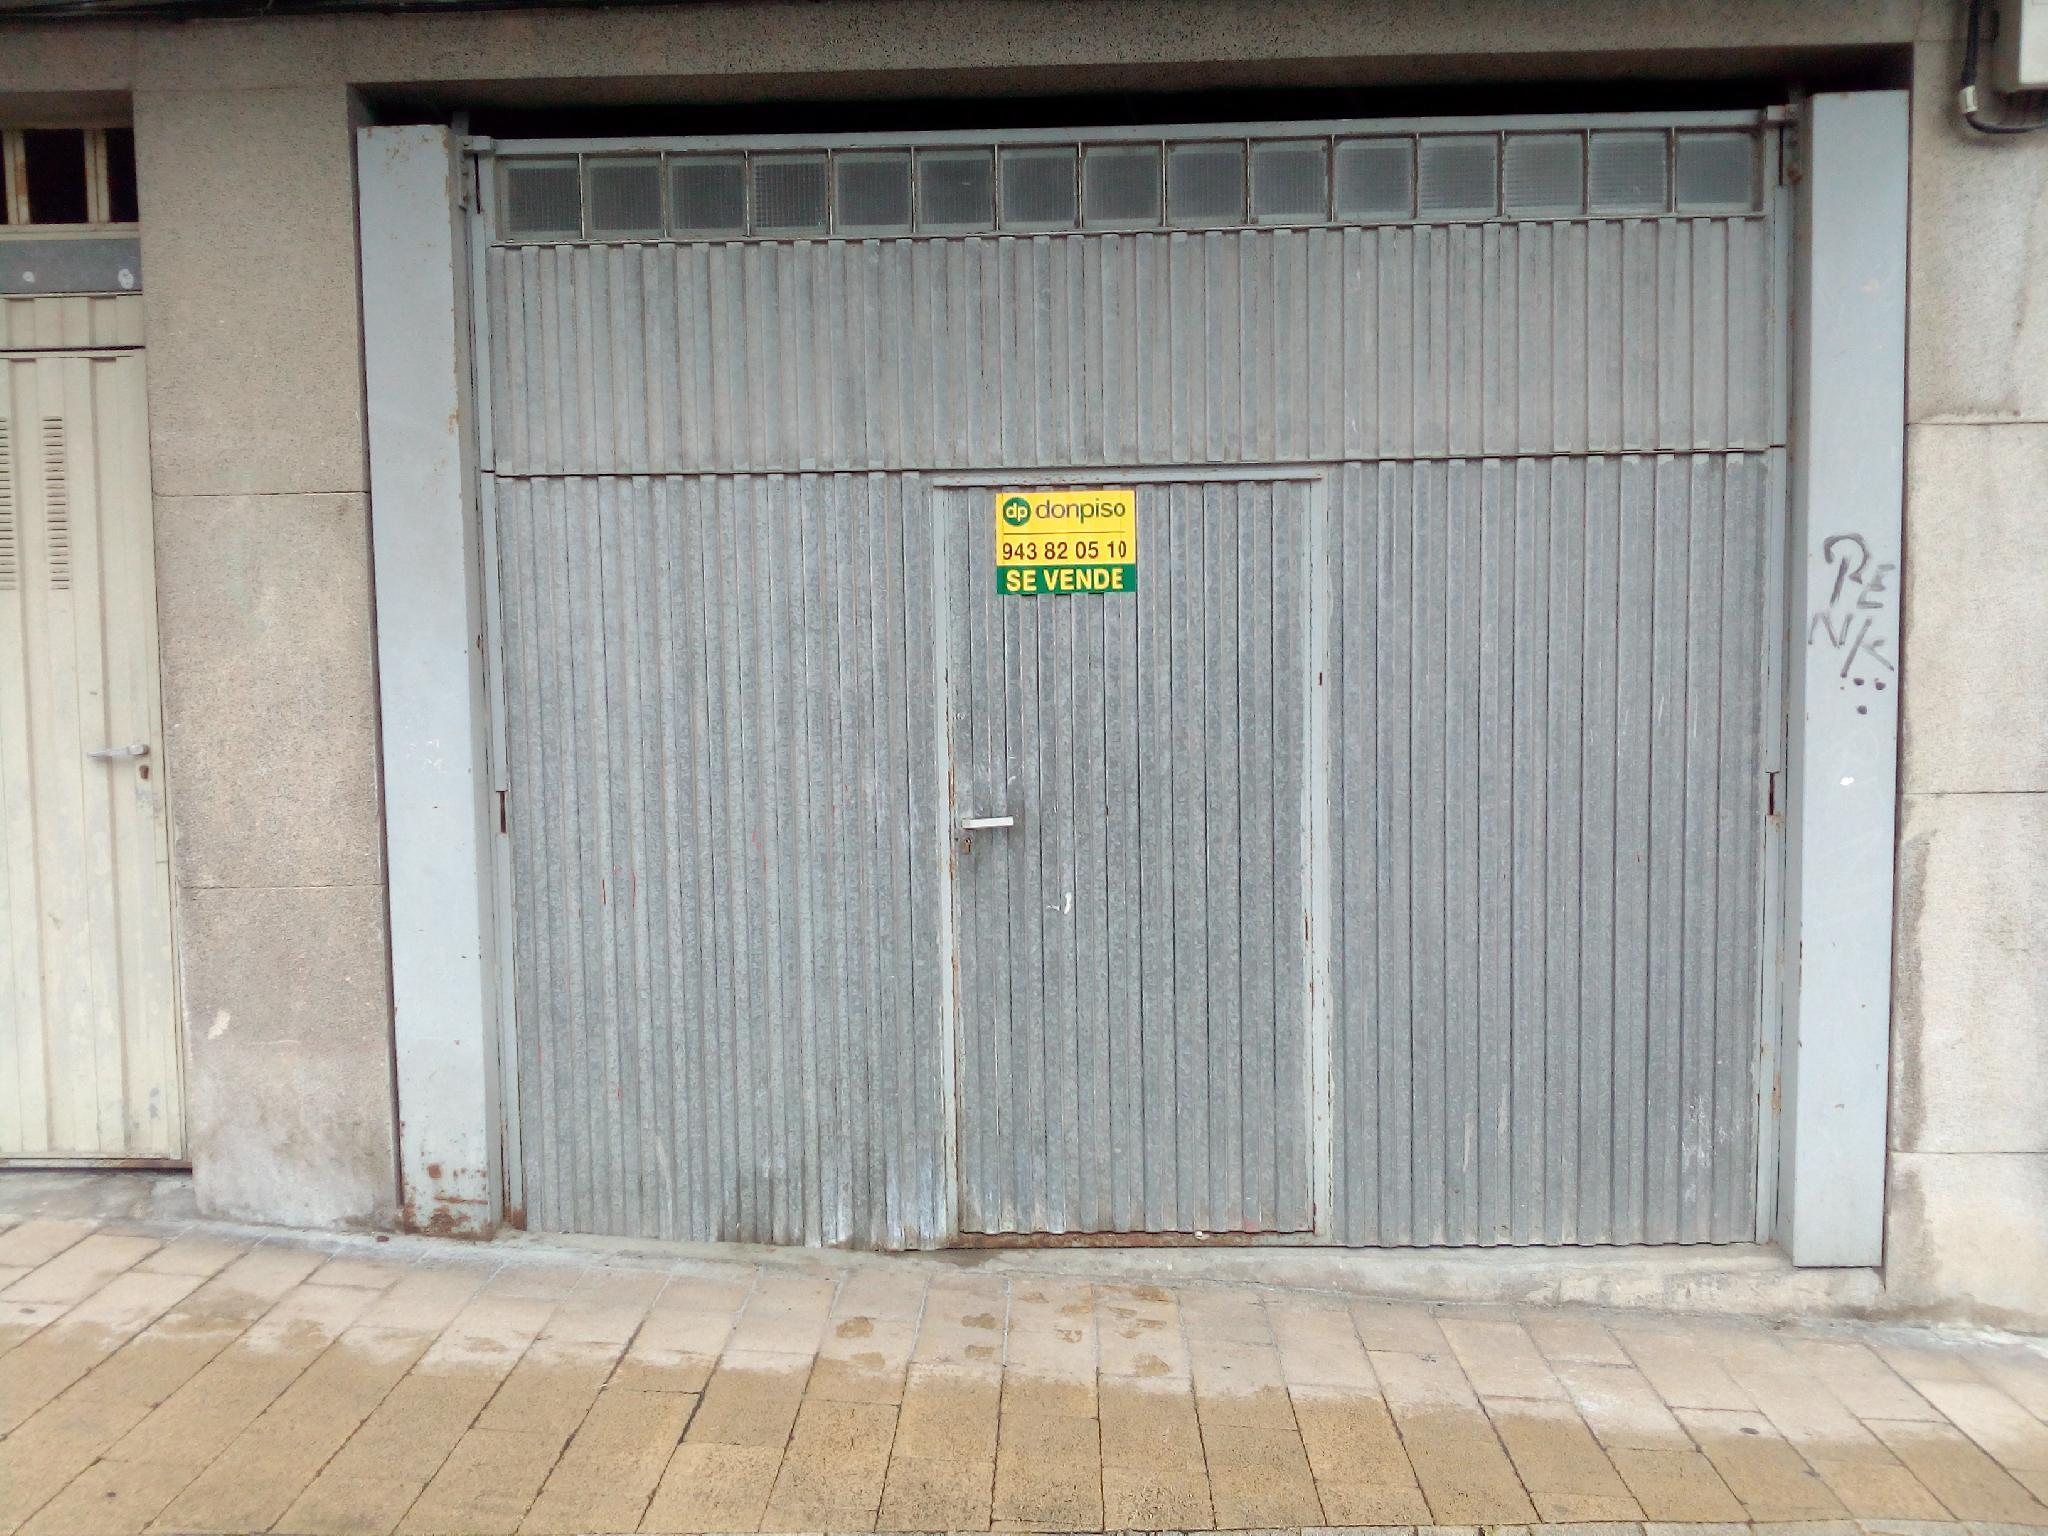 146194 - Zona   Amaña